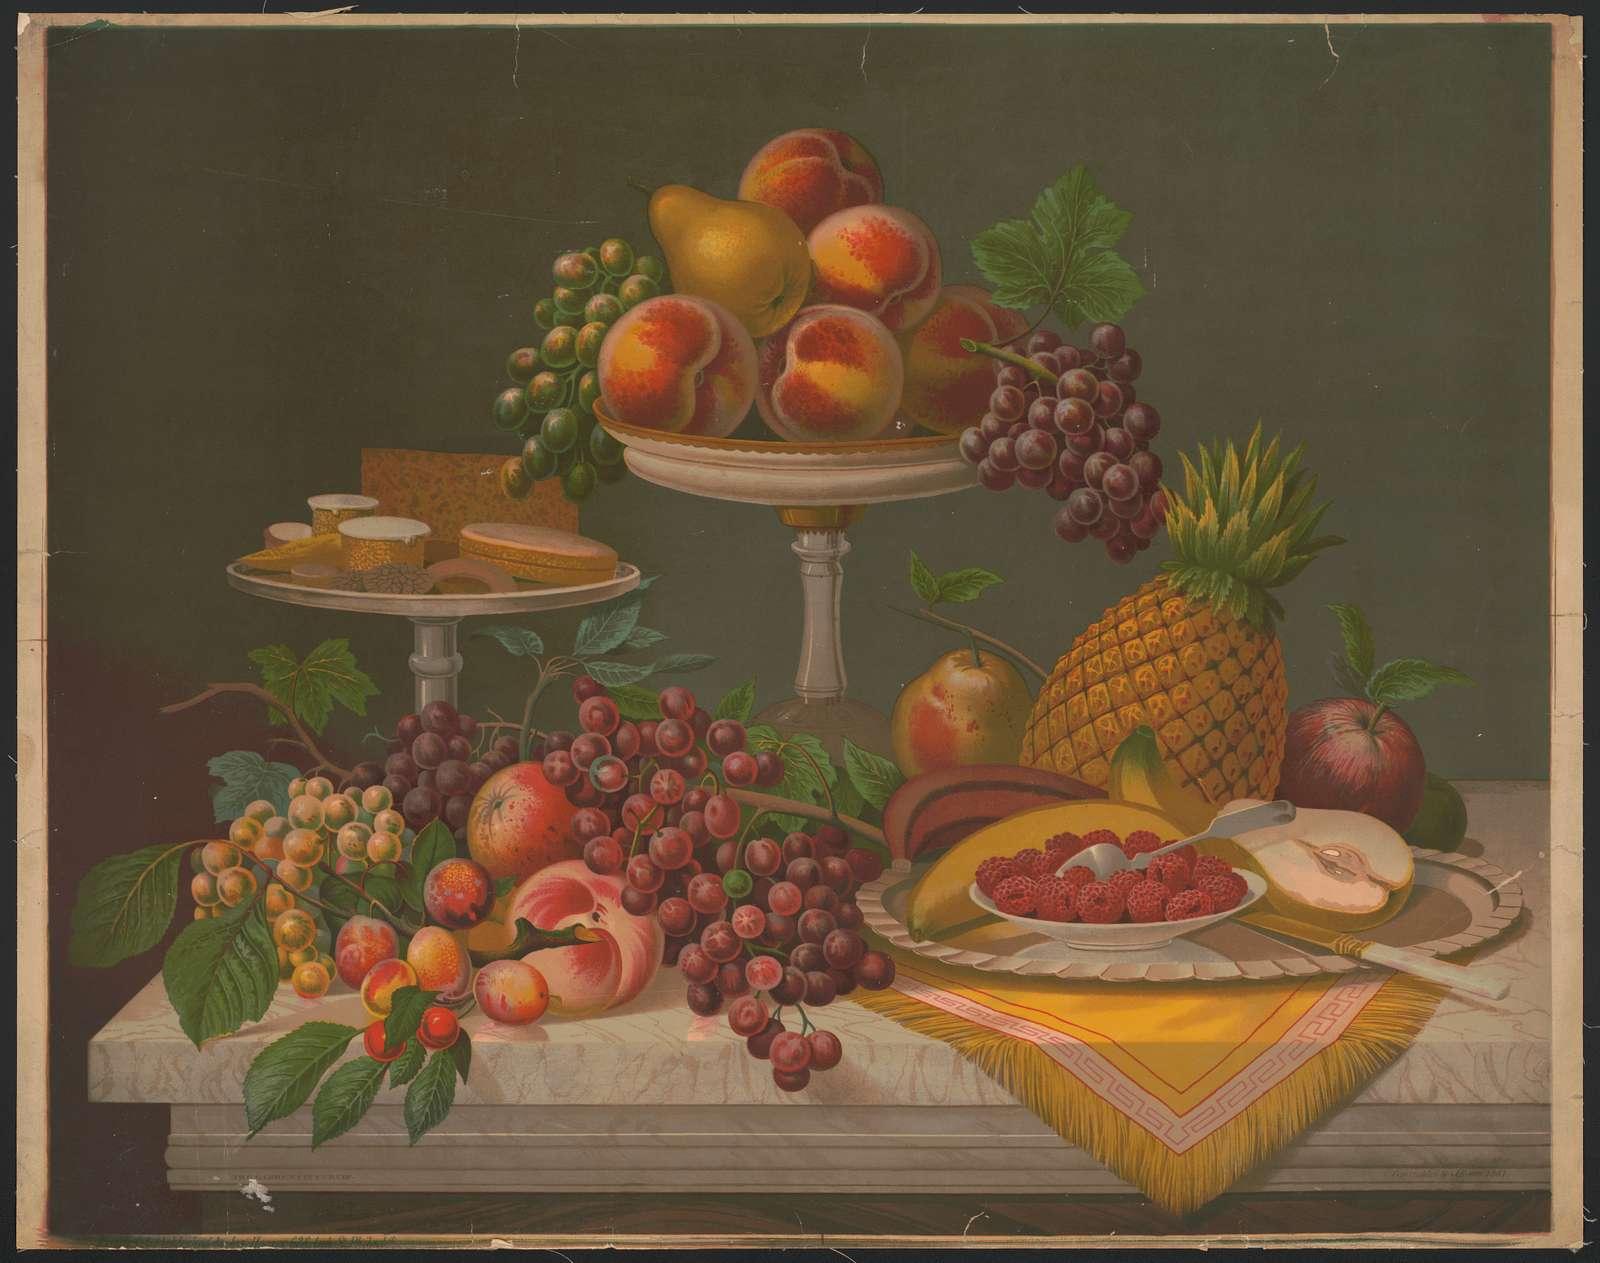 The garden city fruit